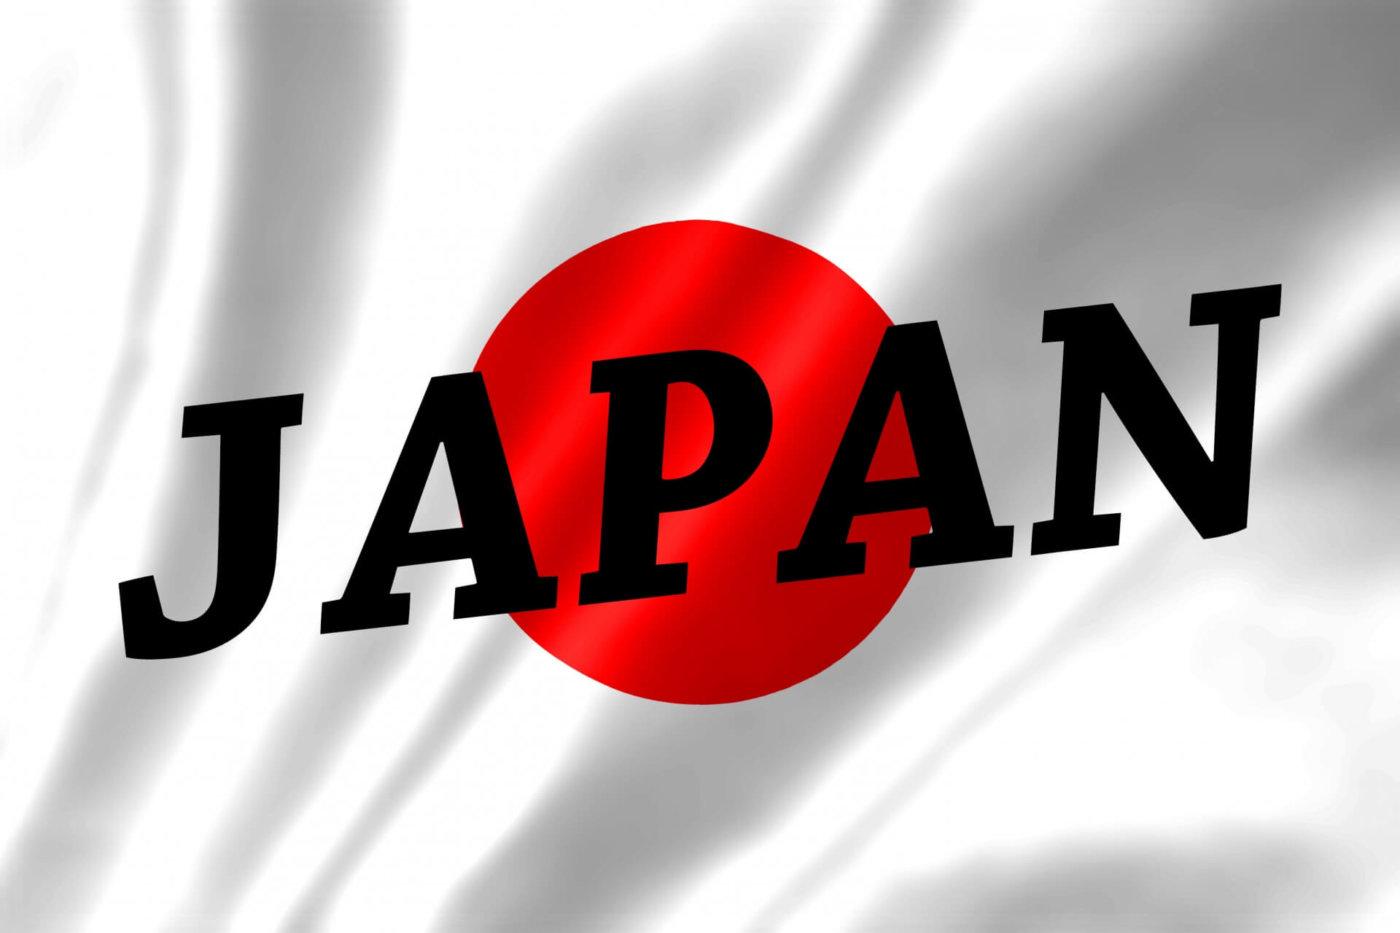 【チケット調達】サッカー日本代表を見よう!